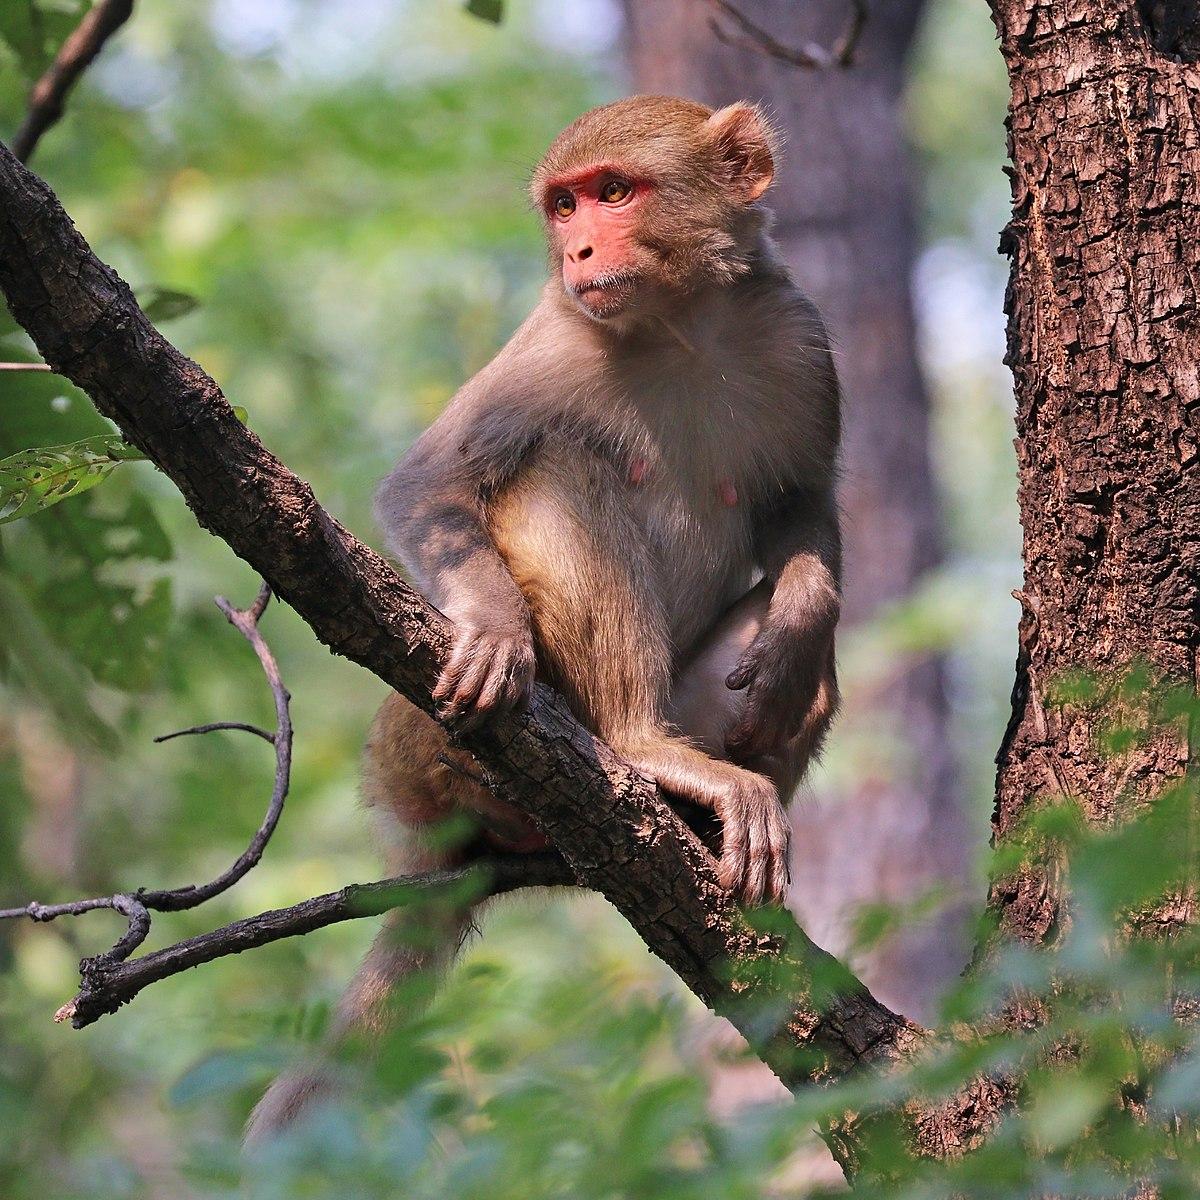 Types of Monkeys